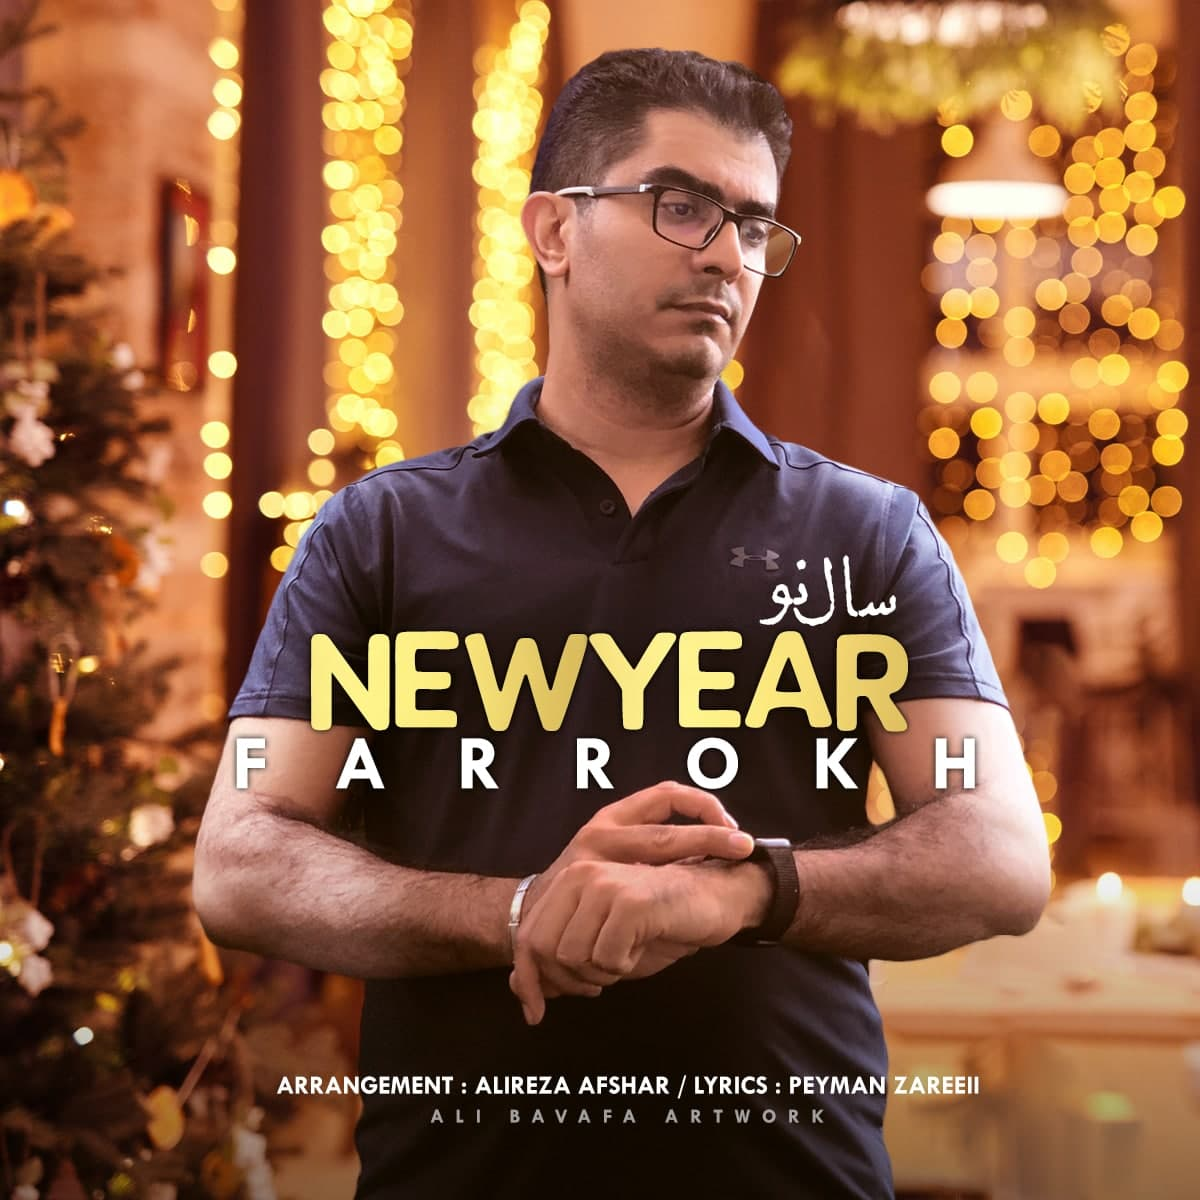 Farrokh – New Year